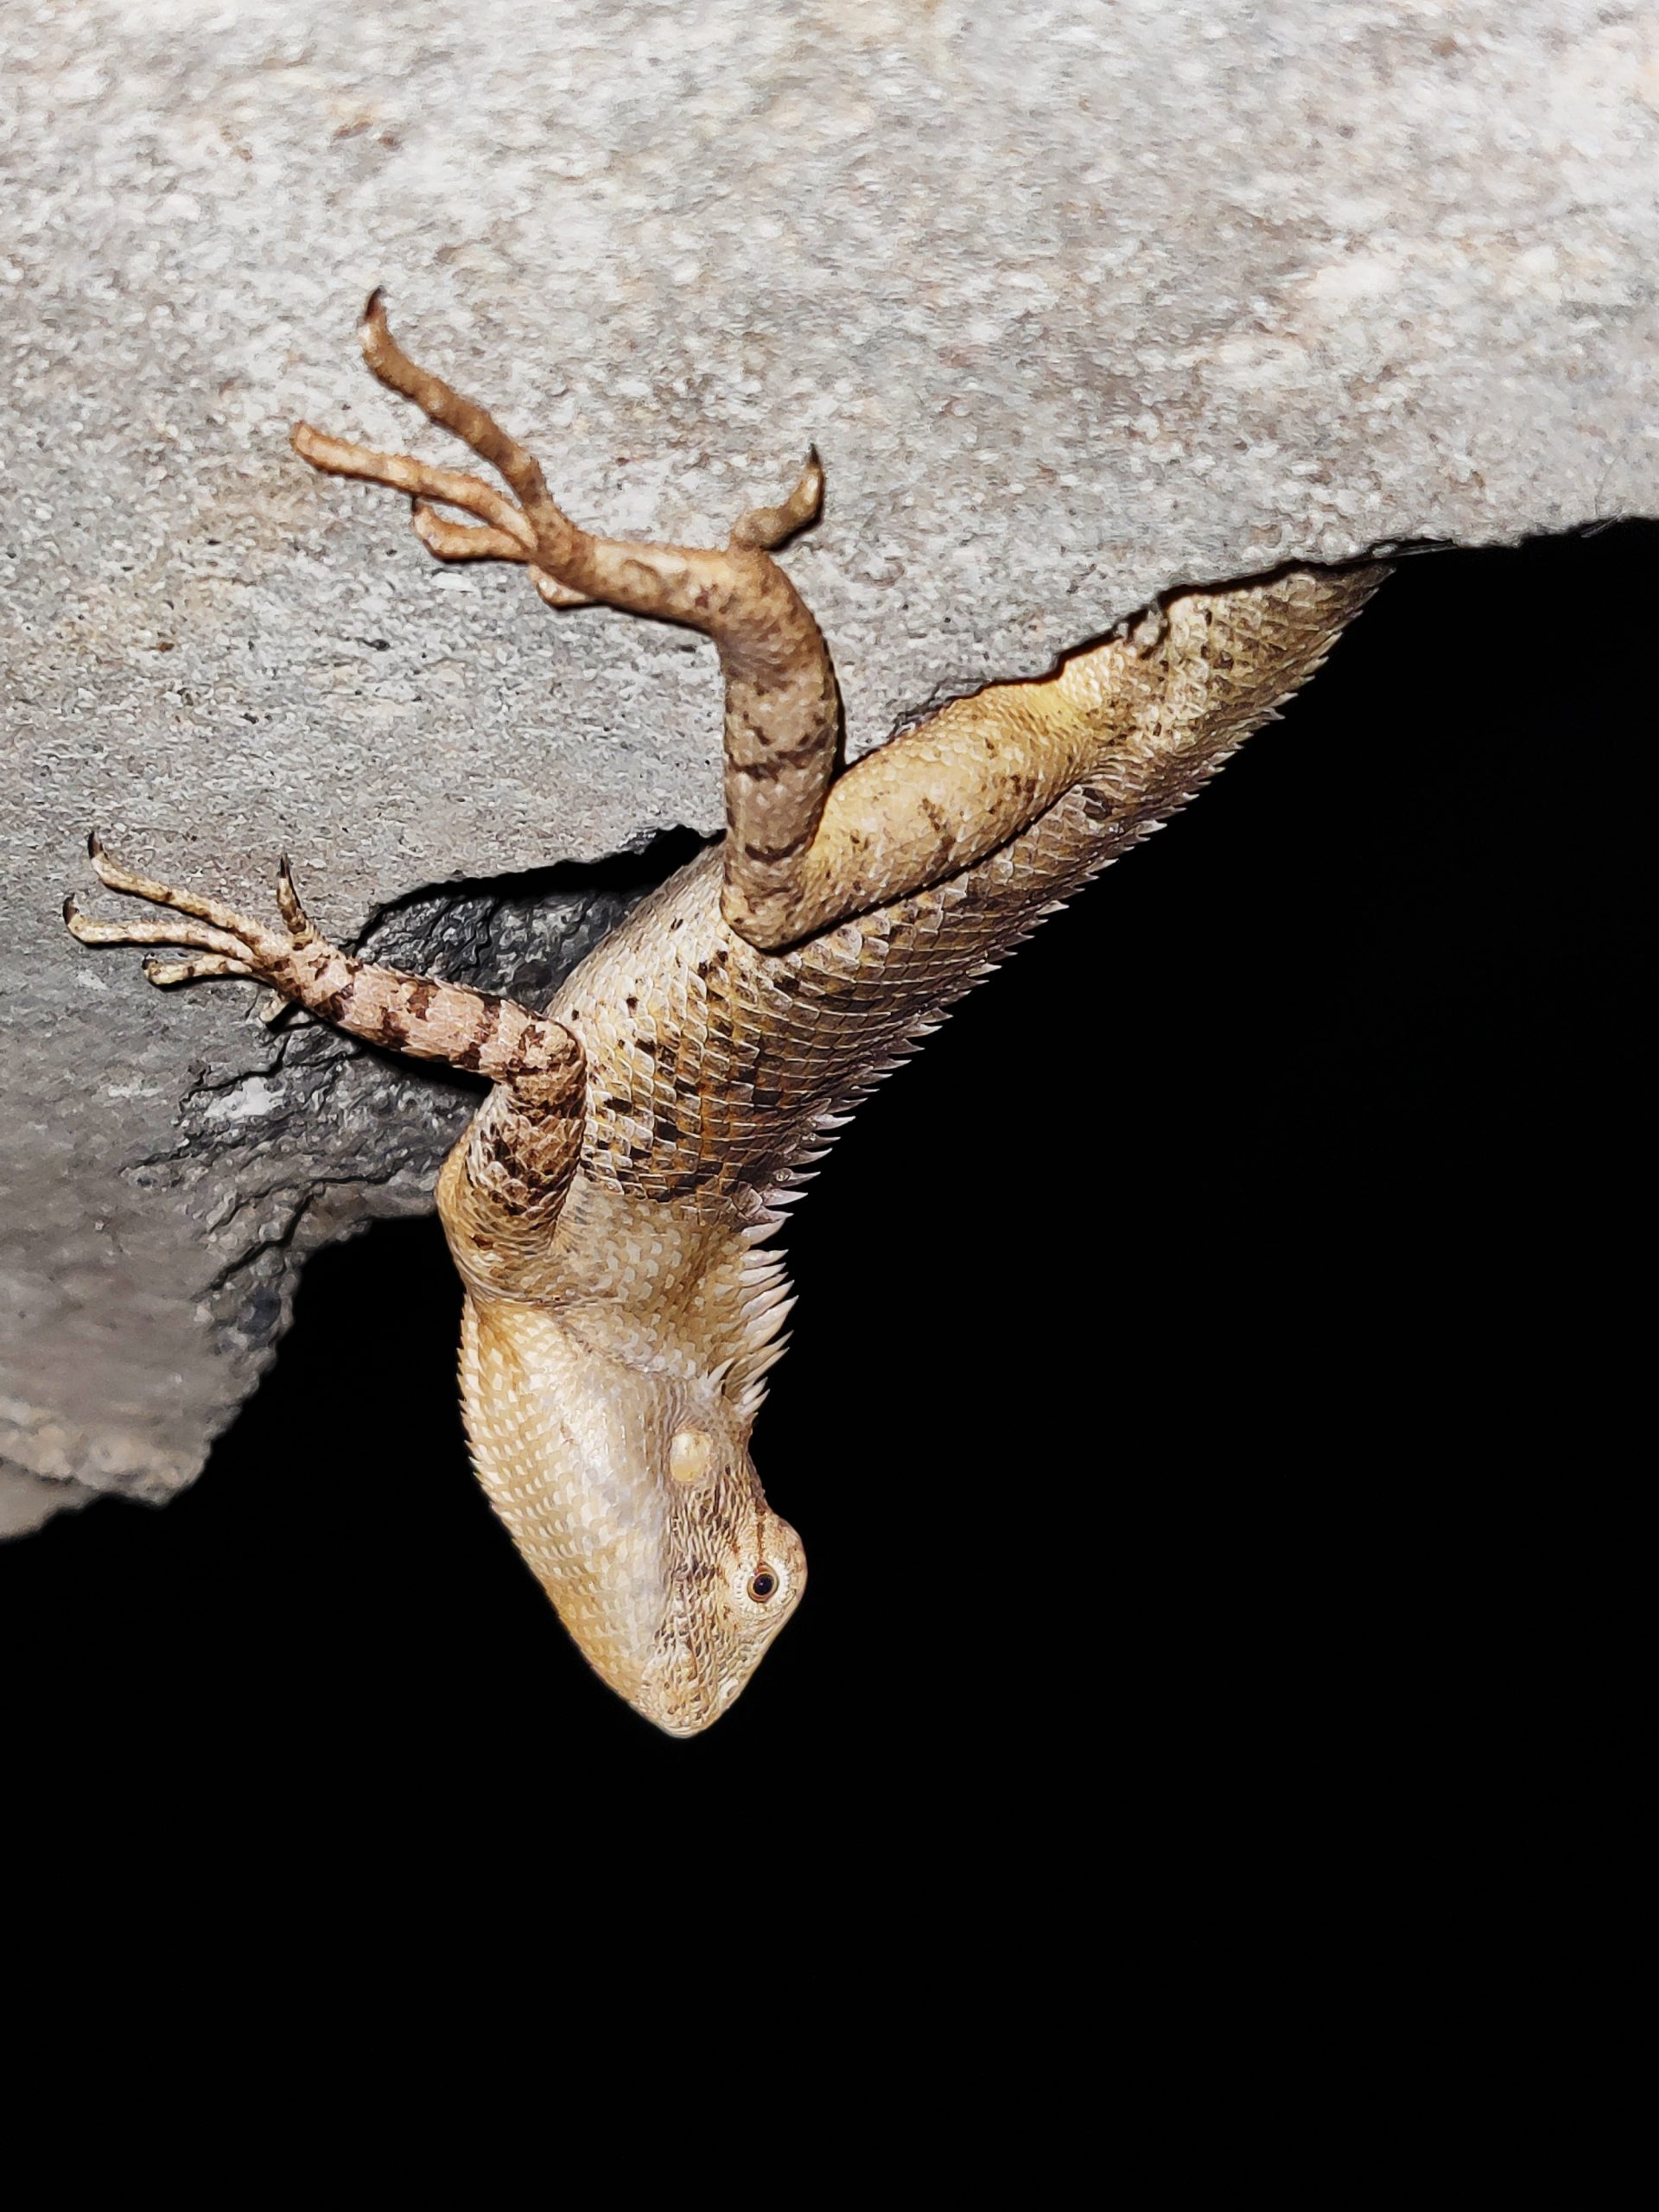 Lizard on the rock